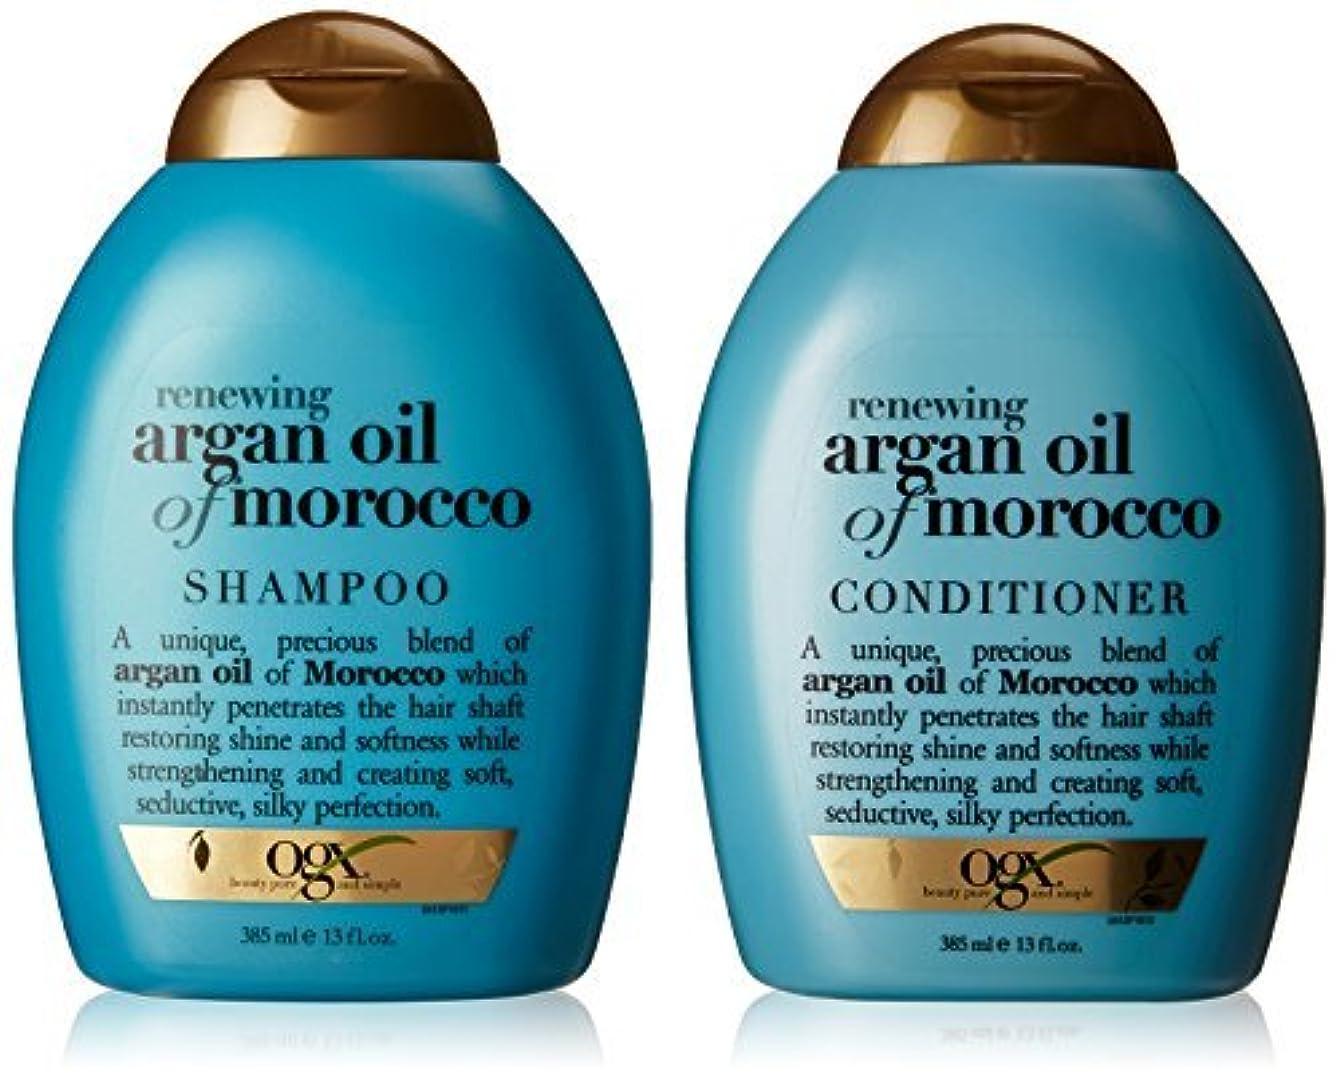 性格プラス似ているOGX Renewing Argan Oil of Morocco Shampoo & Conditioner (13 fl. Oz.) [並行輸入品]